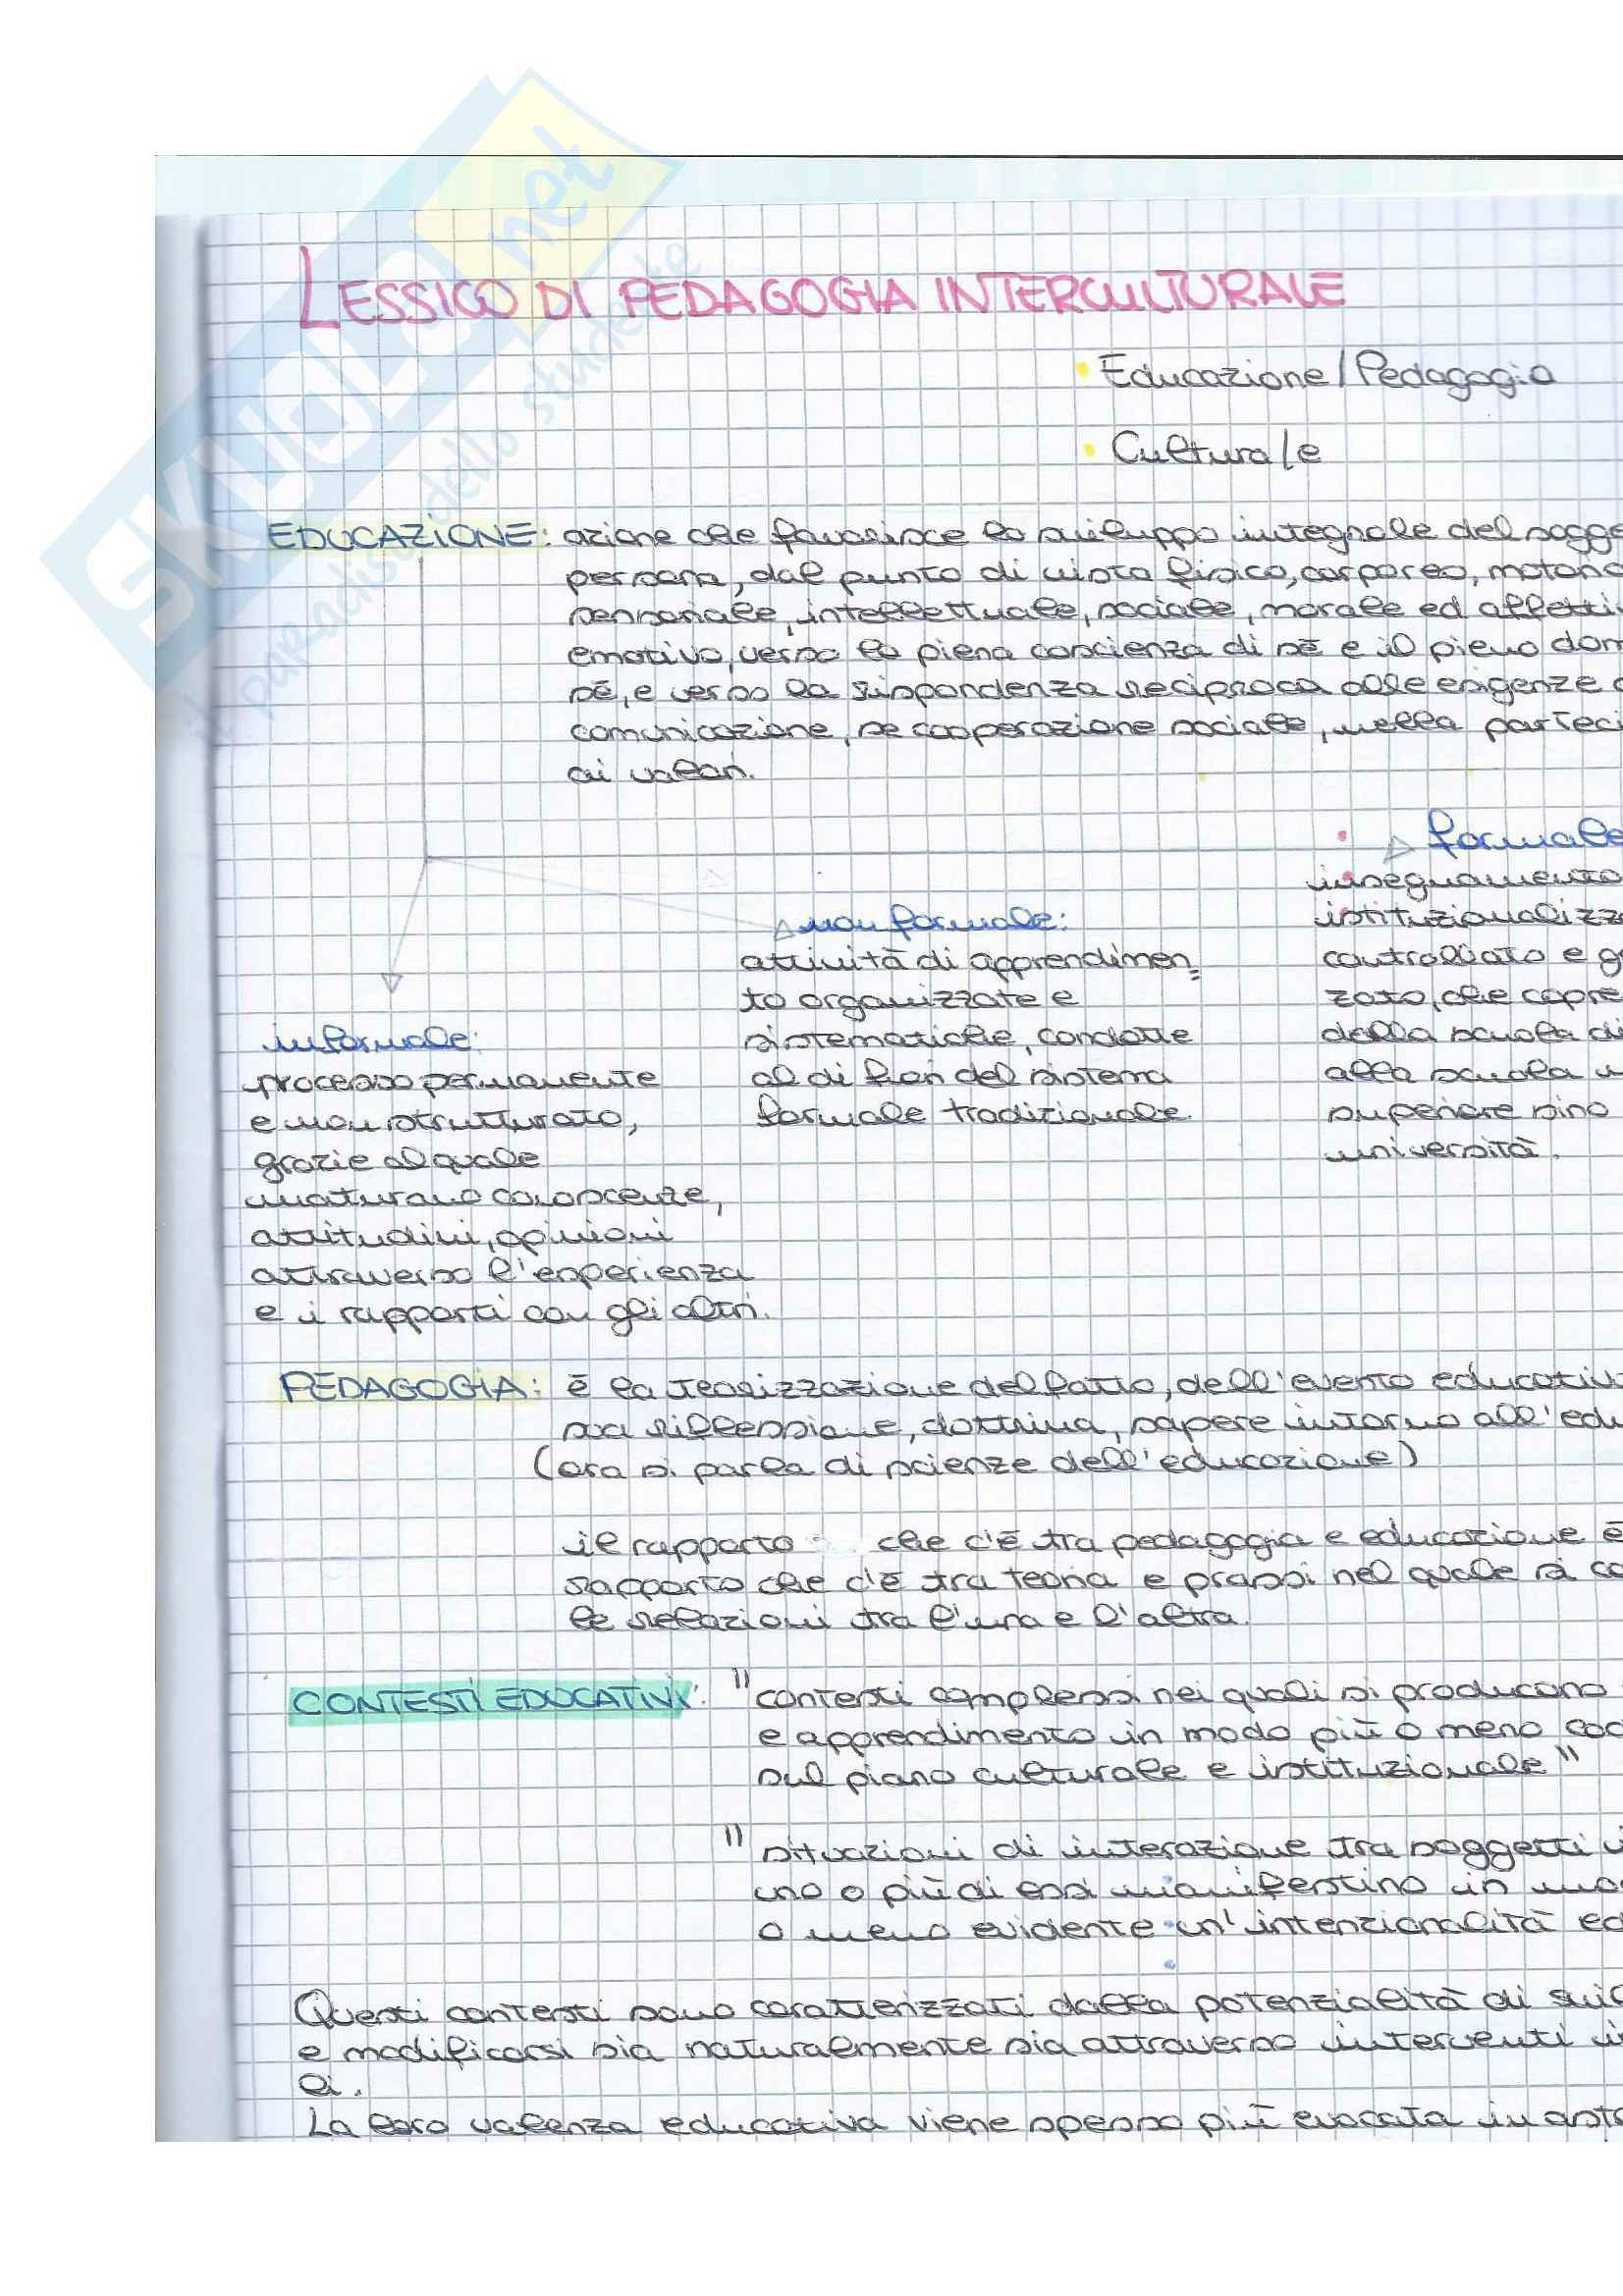 Appunti Pedagogia Interculturale